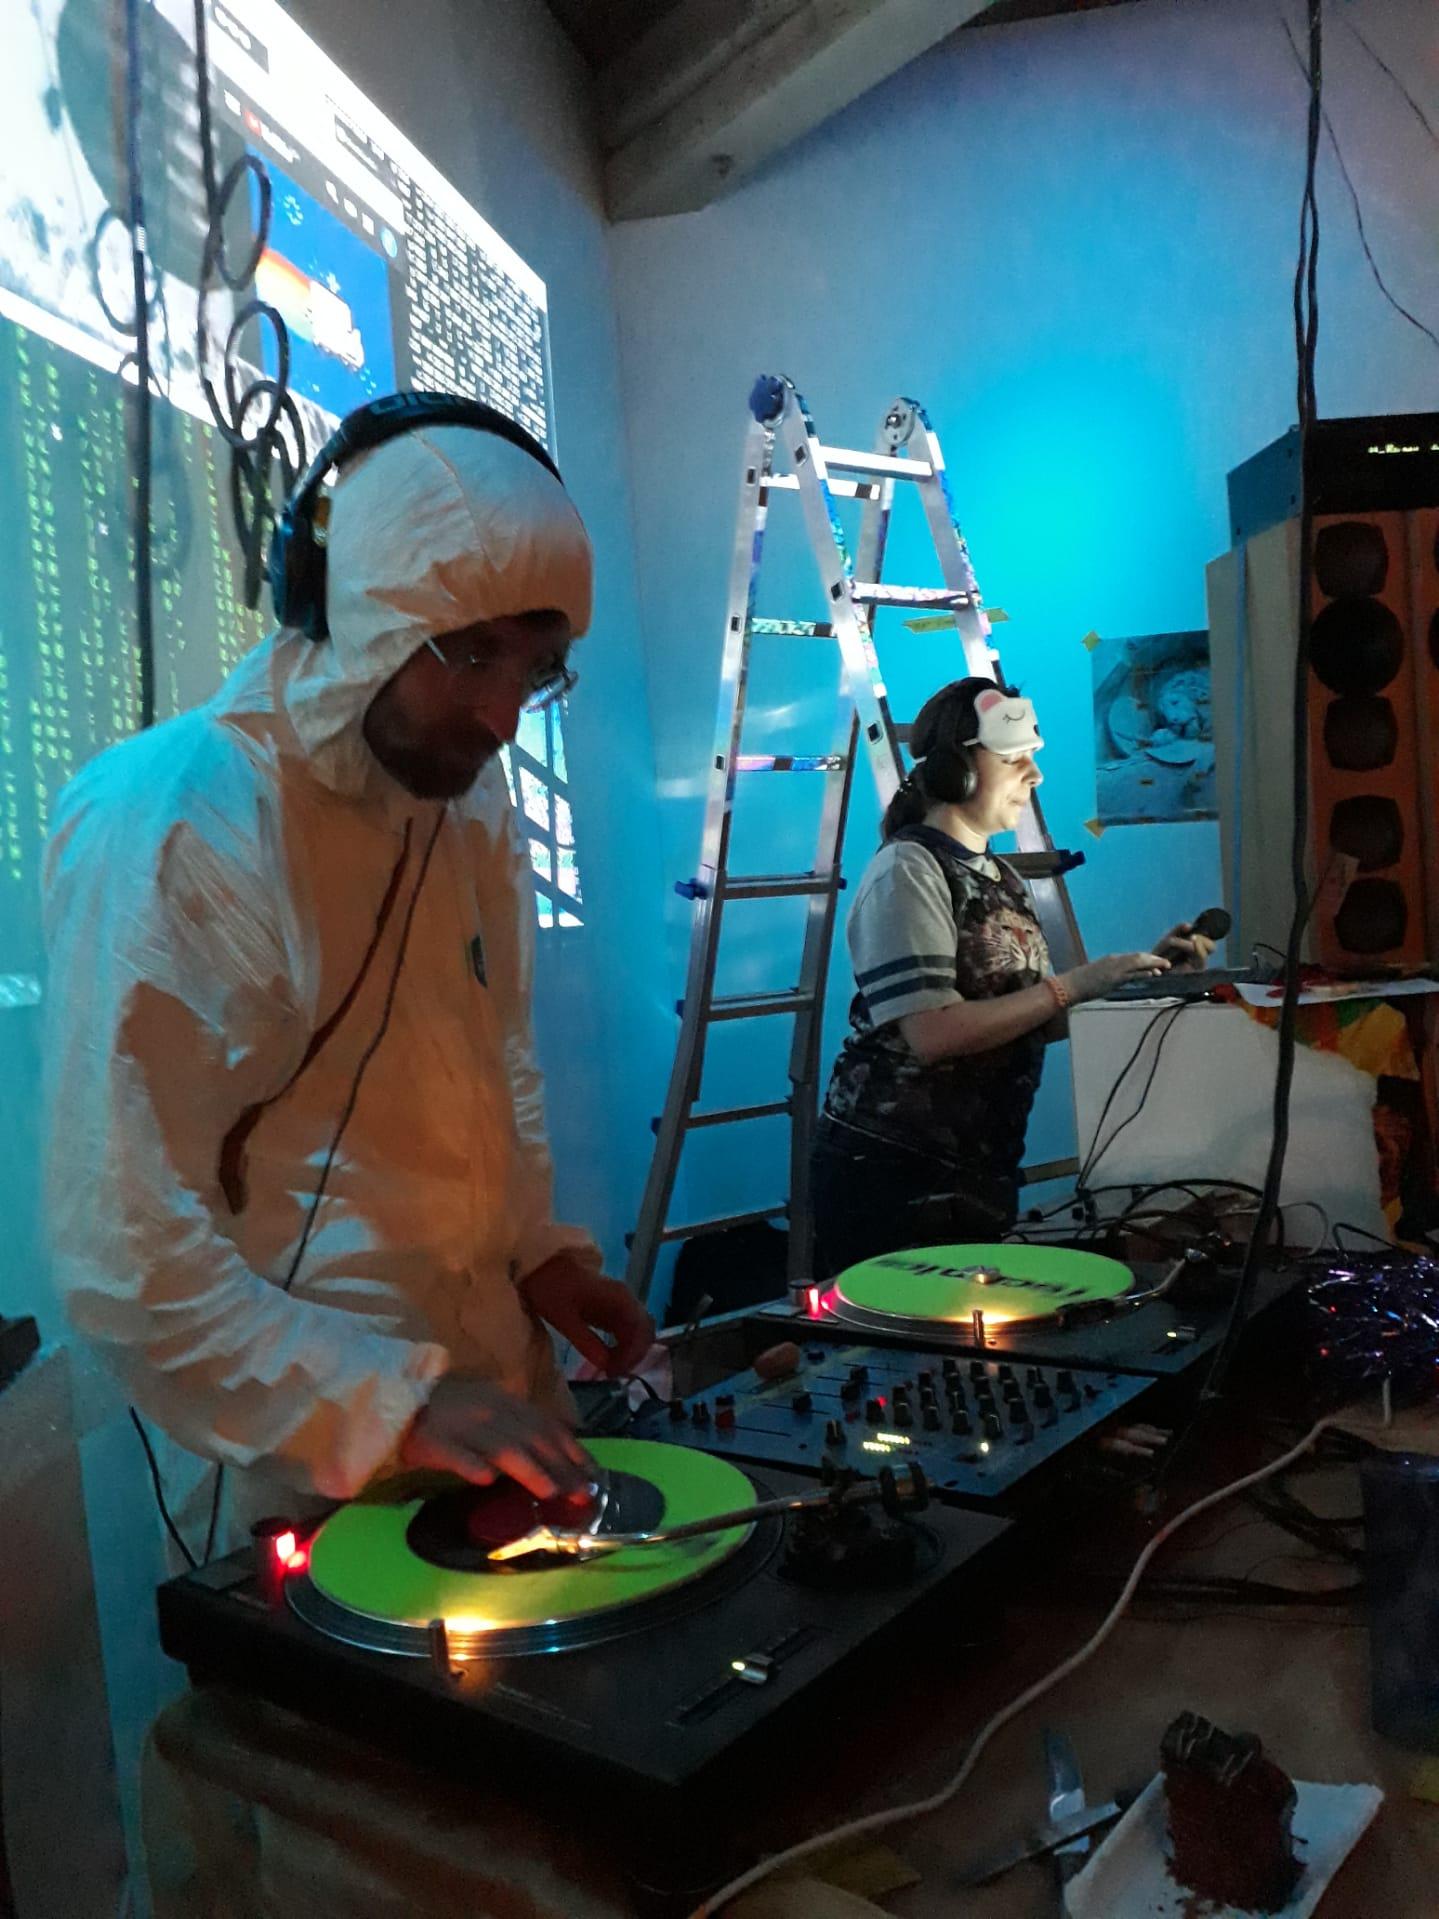 Hier sieht man mich in einem Popmusikschutzanzug mit Deejay Murat an den Plattenspielern in der Teiggi in Kriens.